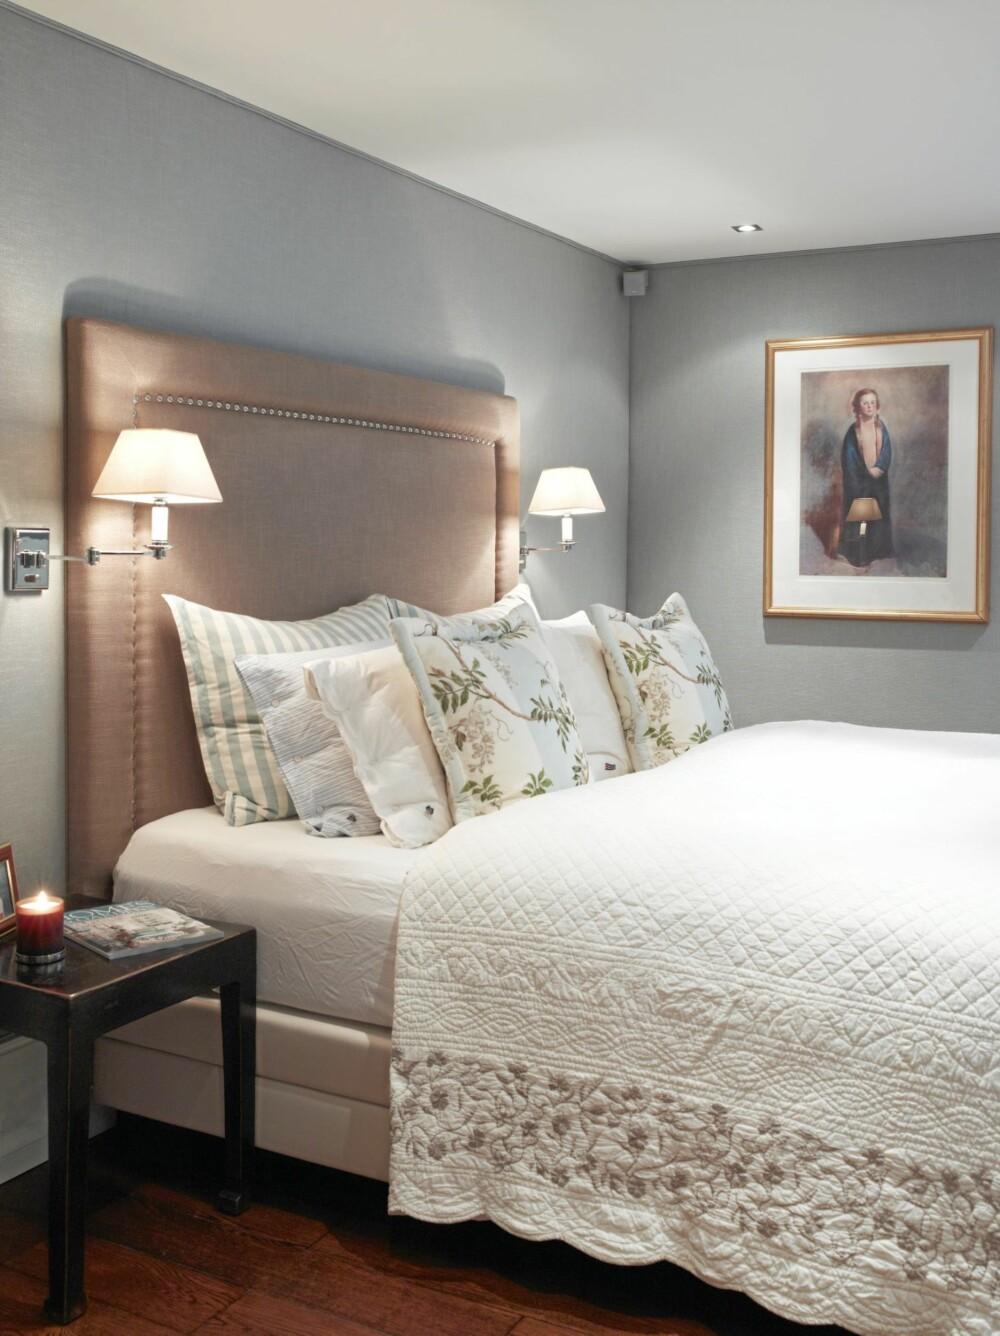 HØYGAVLET. Sengegavlen når høyt opp på veggen og gir sengen et majestetisk preg. Et lass av puter og det franske, gamle sengeteppet tilfører litt romantikk.